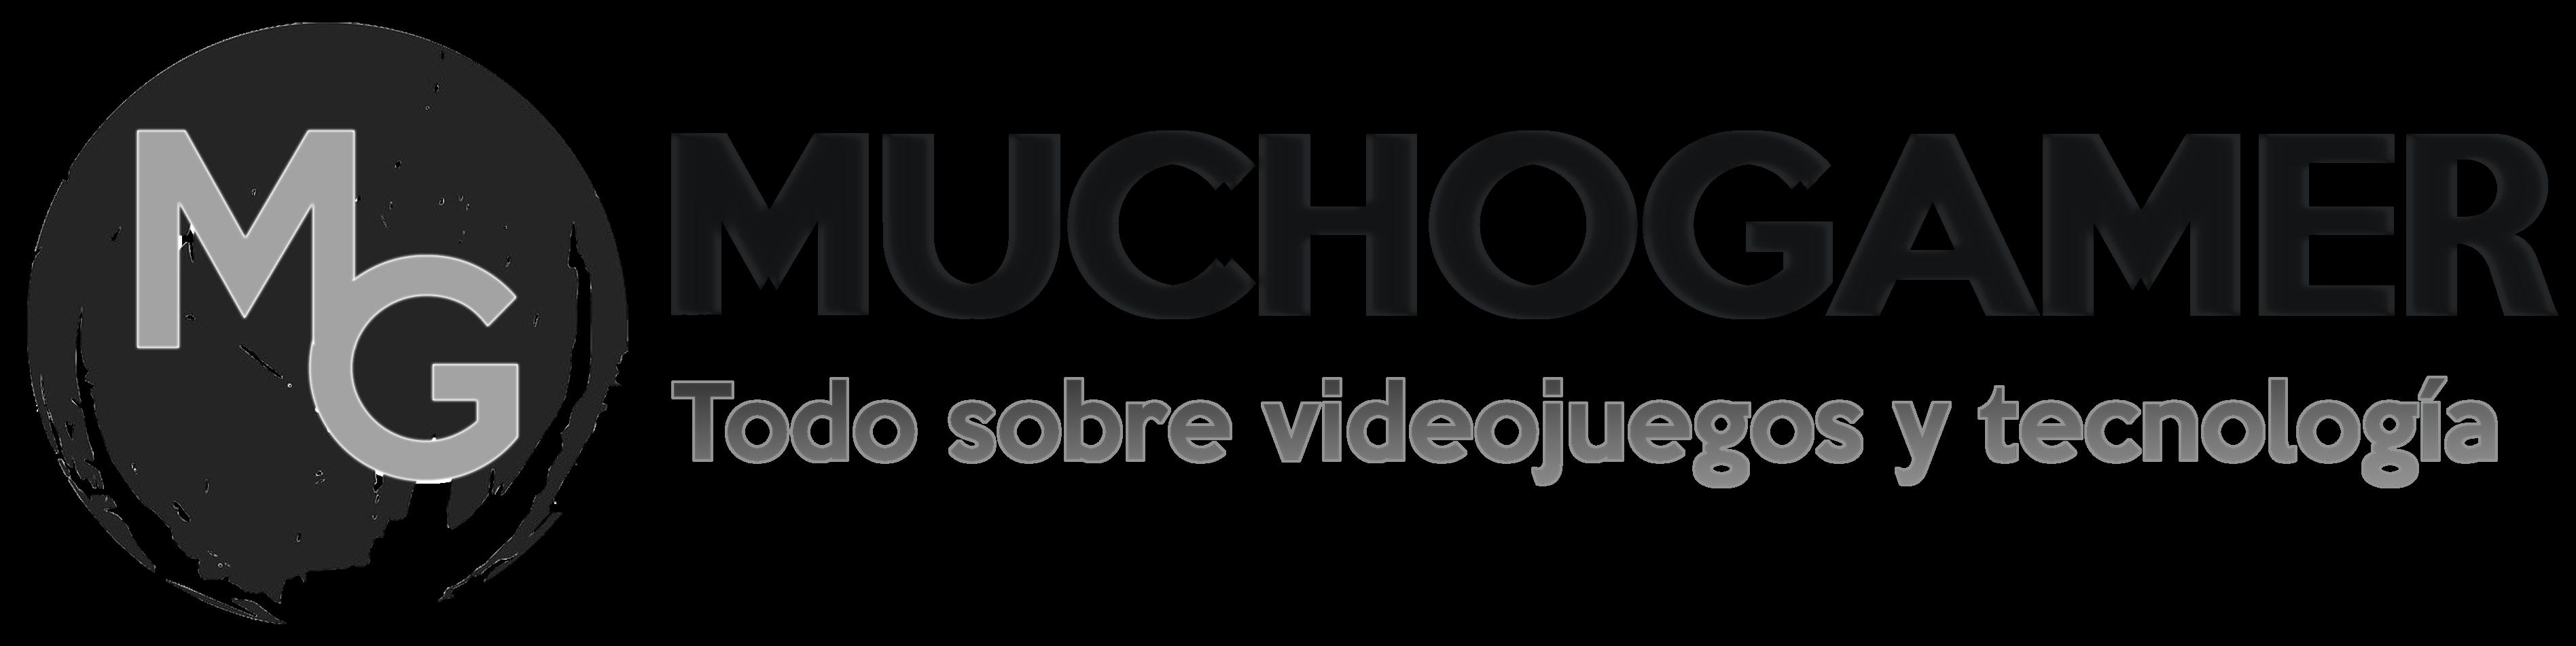 MuchoGamer